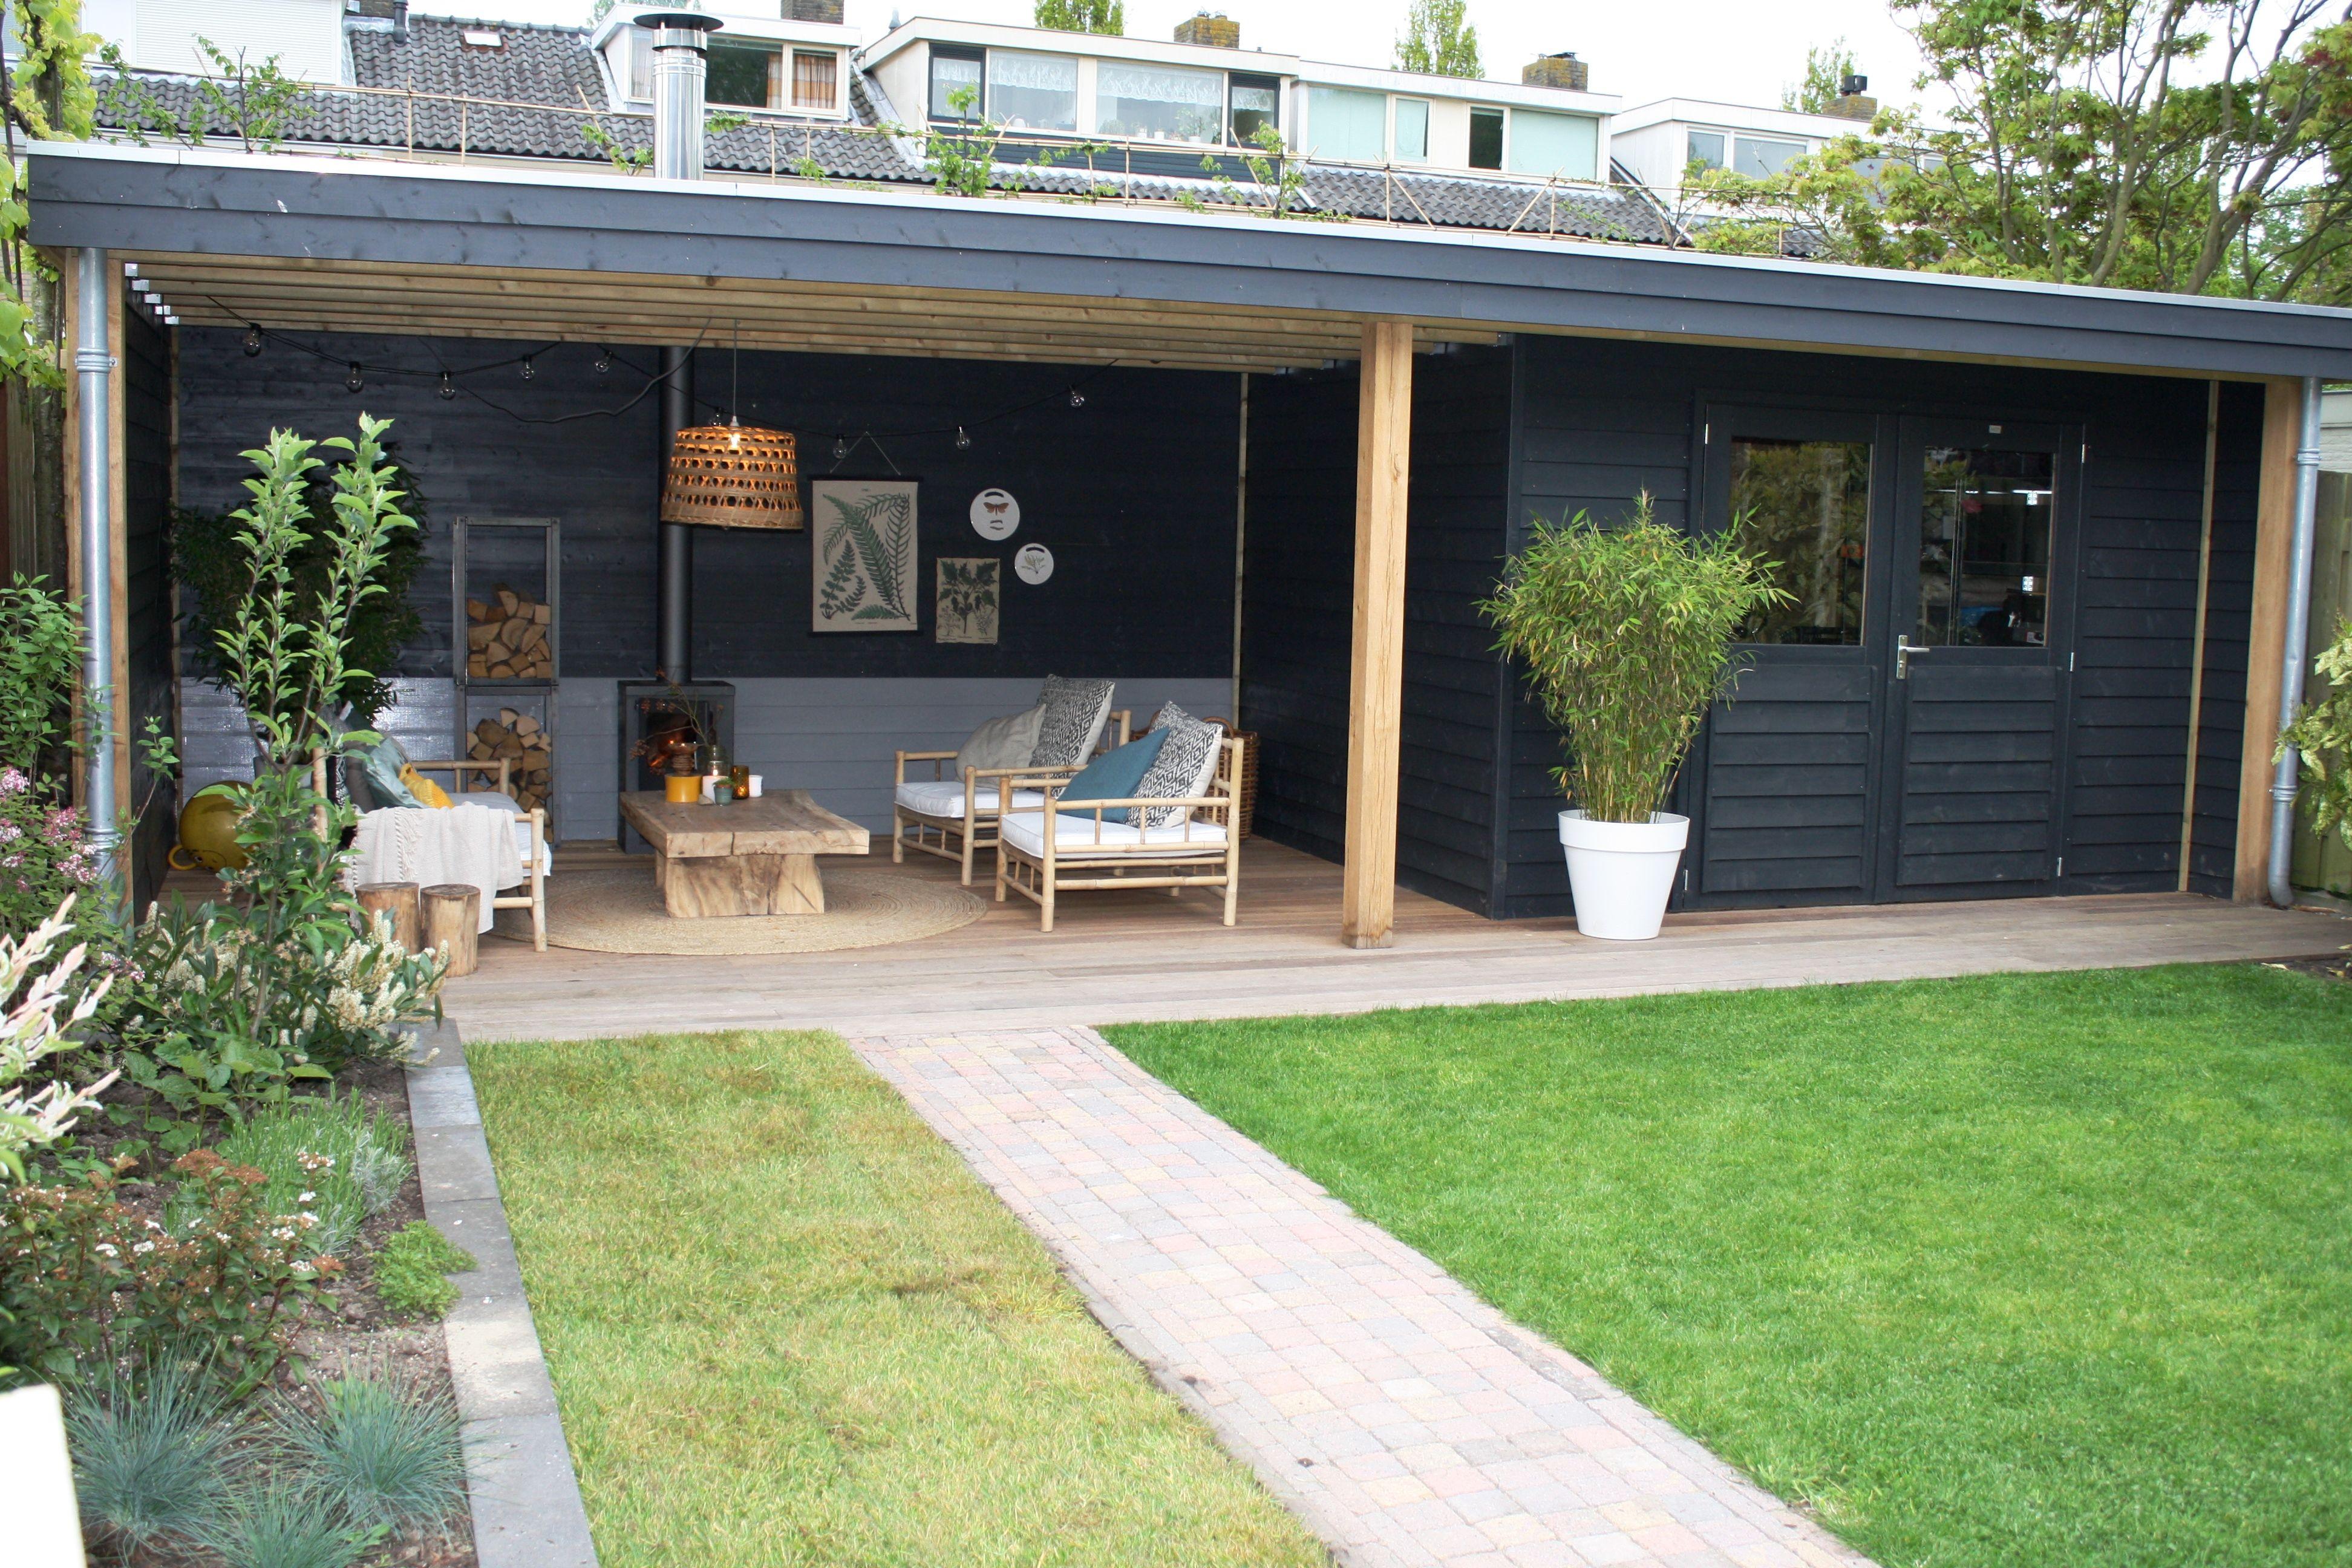 Supermooi tuinhuis met veranda en kachel. Op maat gemaakt door Jan ...